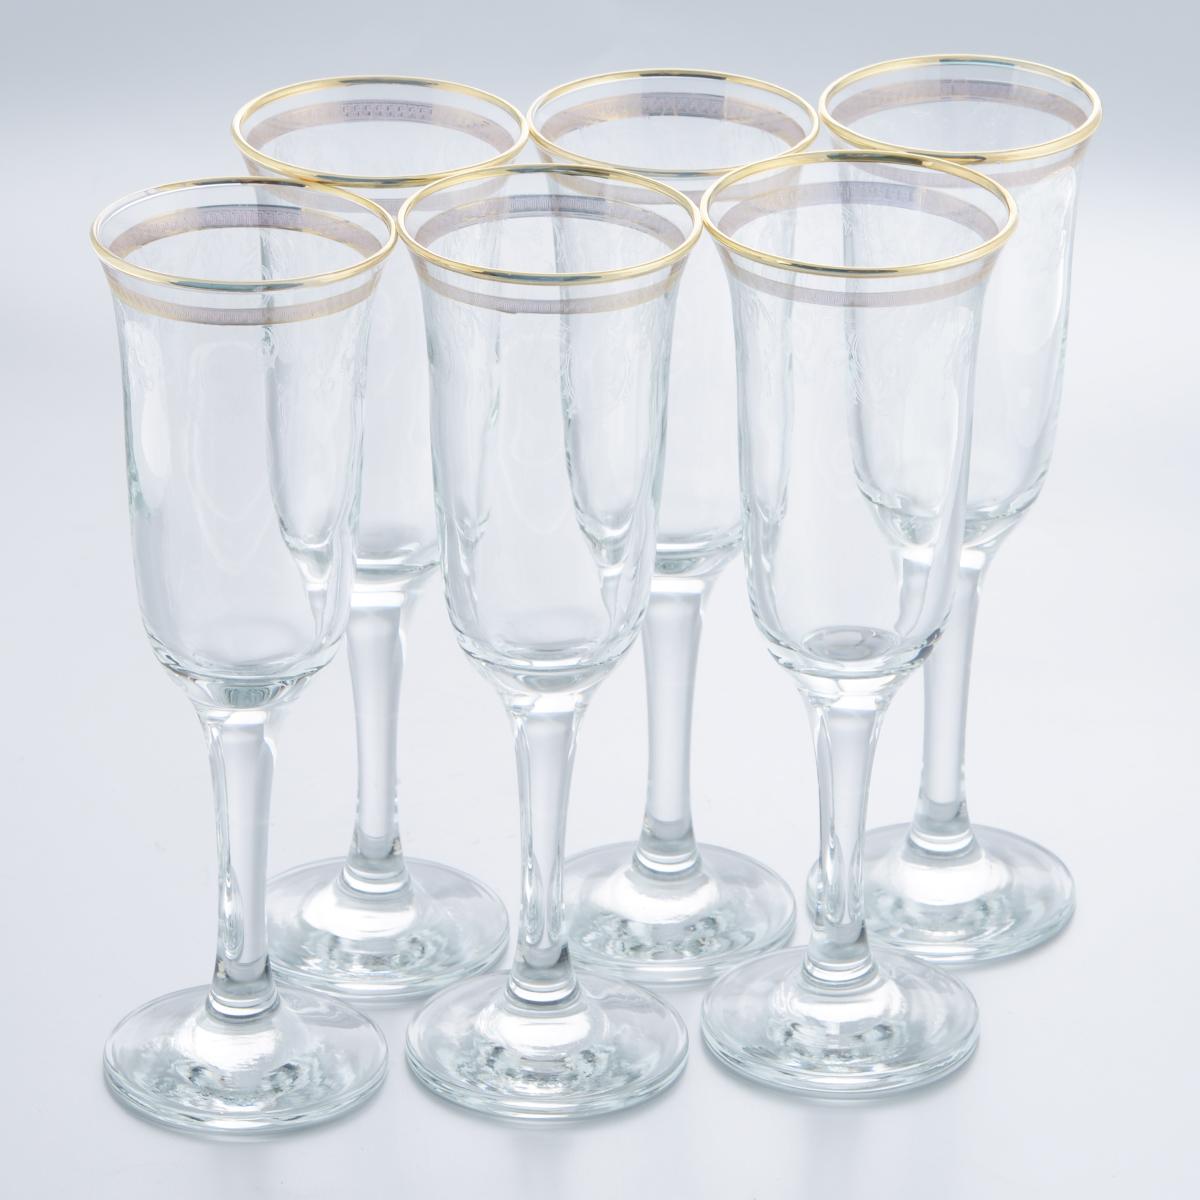 Набор бокалов Гусь-Хрустальный Каскад, 210 мл, 6 штTL40-883Набор Гусь-Хрустальный Каскад состоит из 6 бокалов на длинных ножках, изготовленных из высококачественного натрий-кальций-силикатного стекла. Изделия оформлены красивым зеркальным покрытием и прозрачным орнаментом. Такой набор прекрасно дополнит праздничный стол и станет желанным подарком в любом доме. Разрешается мыть в посудомоечной машине. Диаметр бокала (по верхнему краю): 6,8 см. Высота бокала: 22 см. Диаметр основания бокала: 7 см.